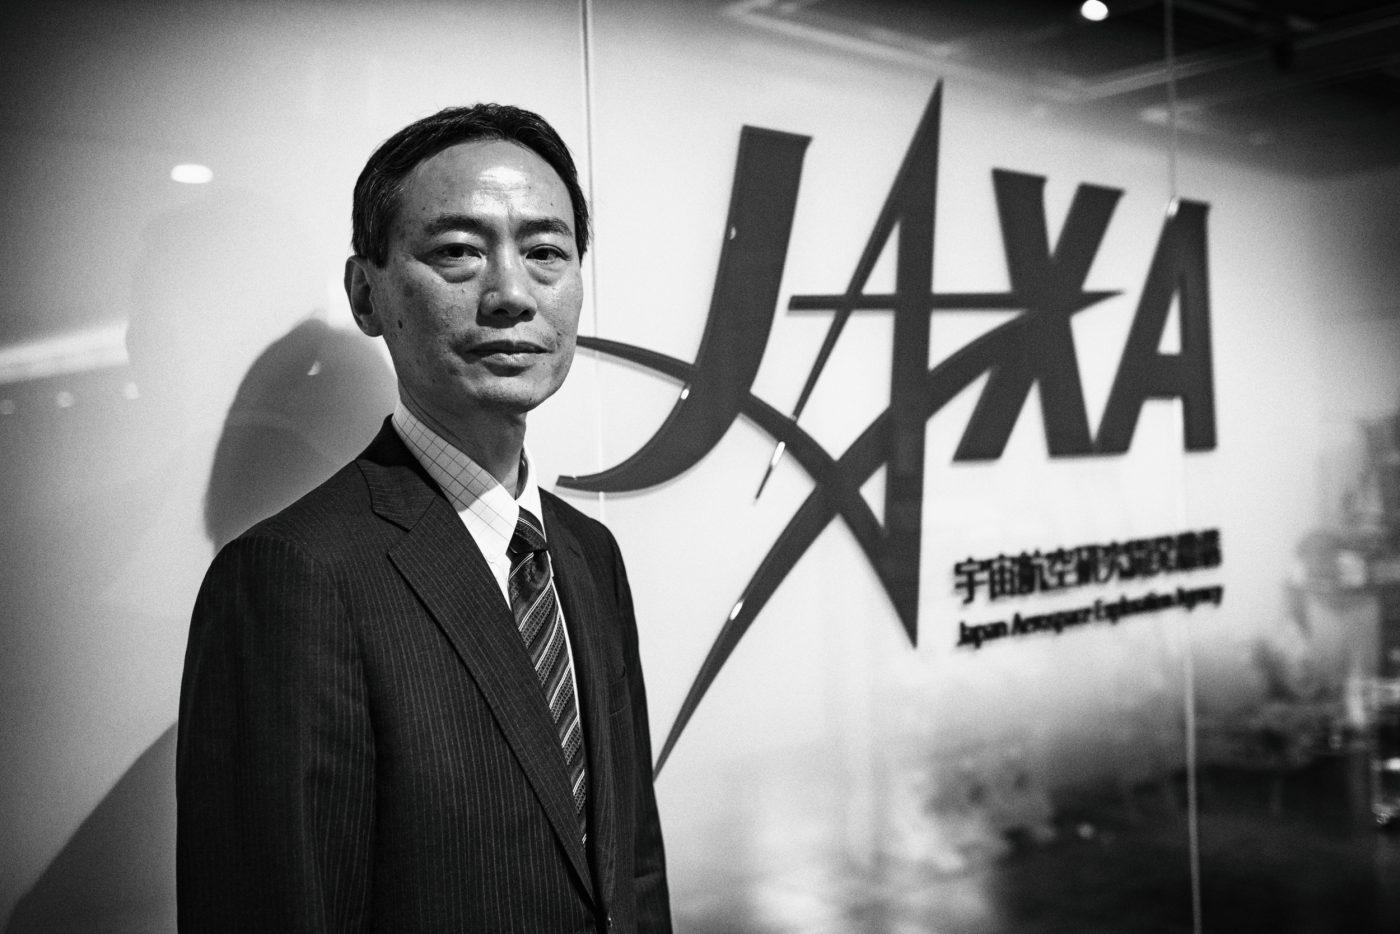 【インタビュー】 JAXAとベンチャー企業、プレーヤー拡大のため人材の行き来も活発に。JAXA新事業促進部部長 松浦直人(後編)